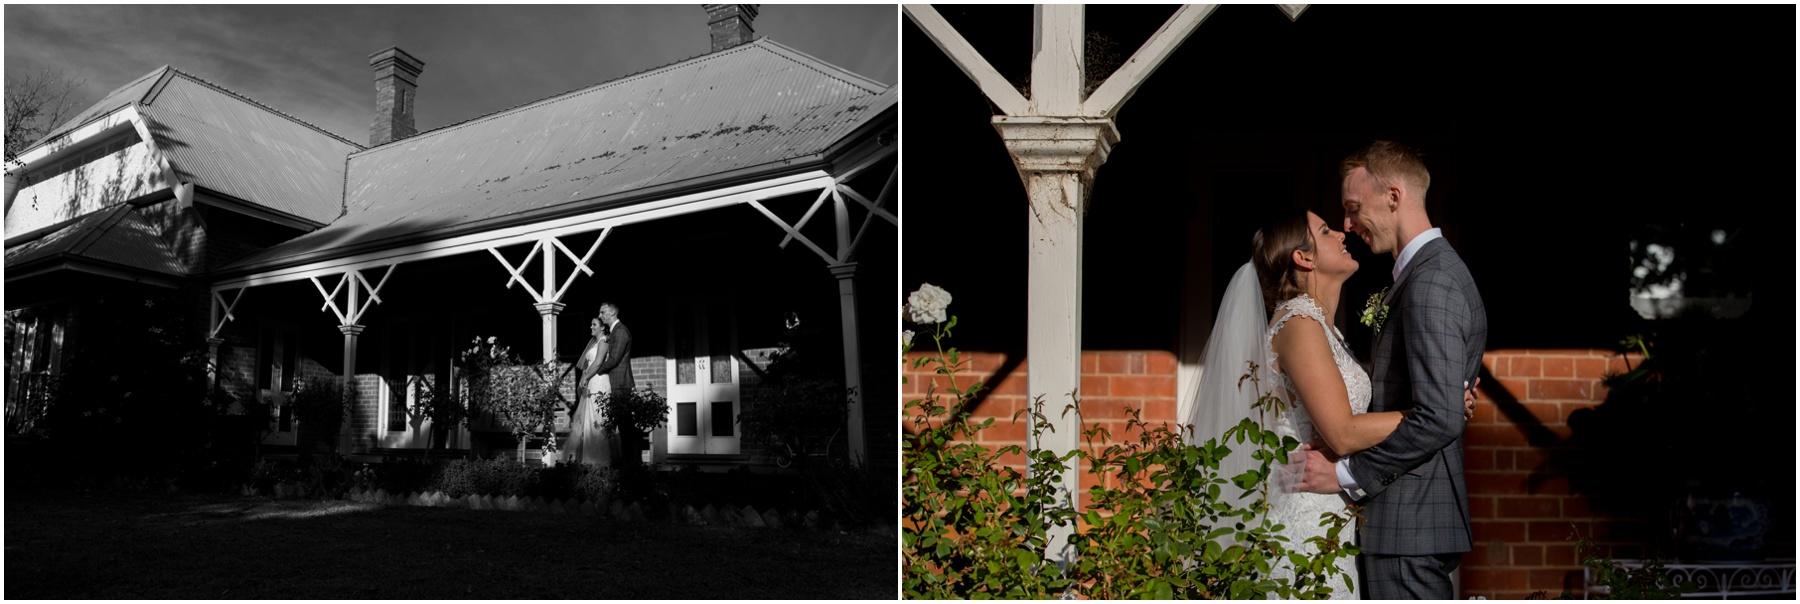 shepparton-photographer_0176.jpg